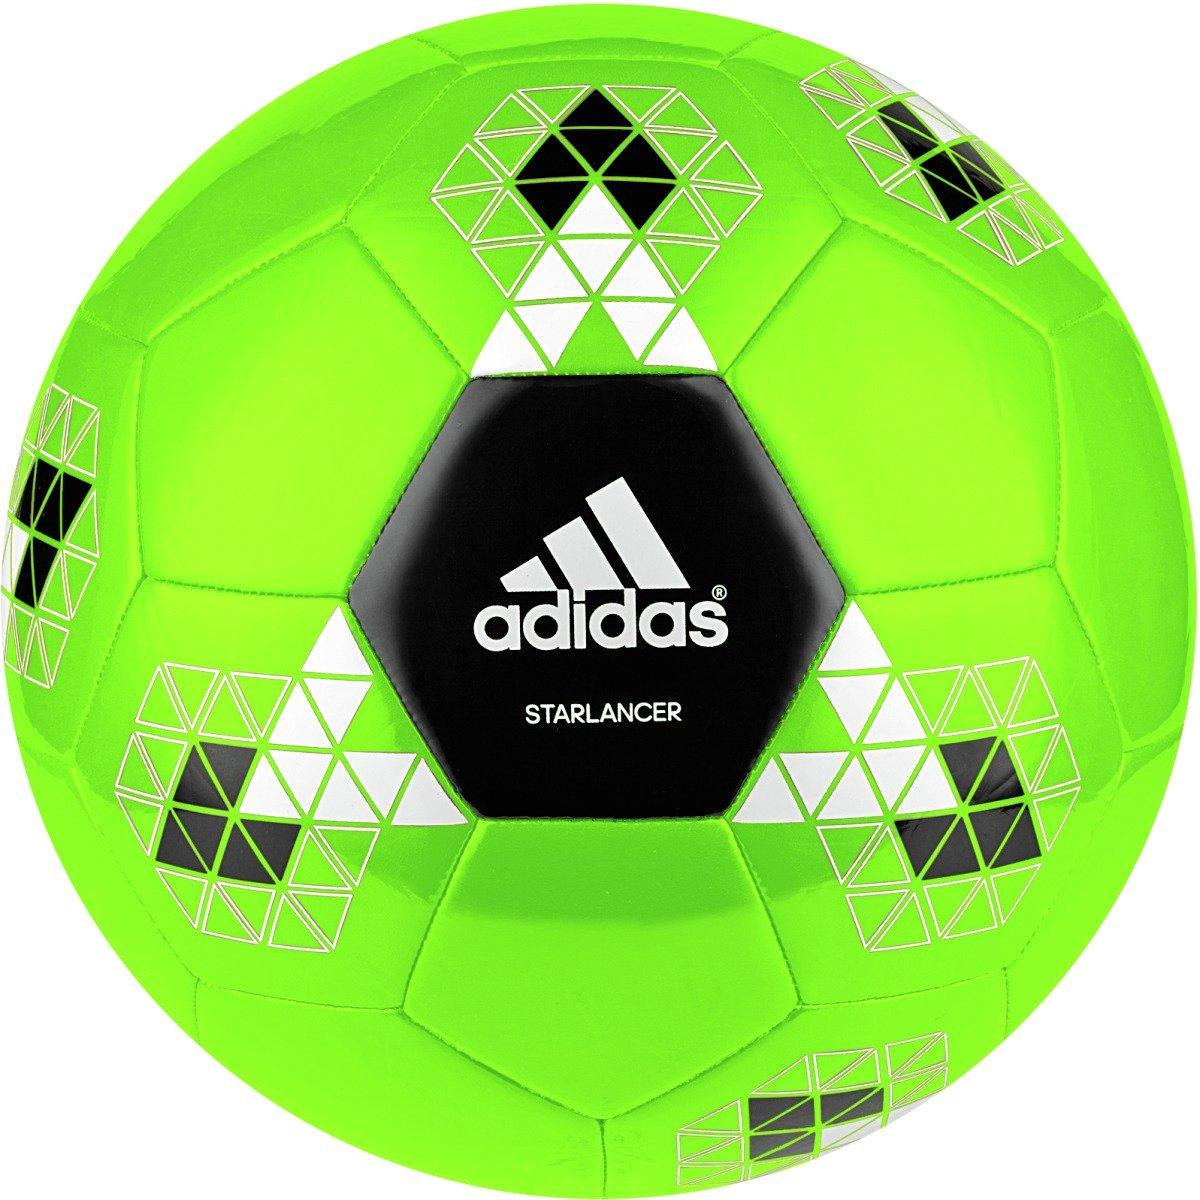 Adidas - Starlancer V Football - Green